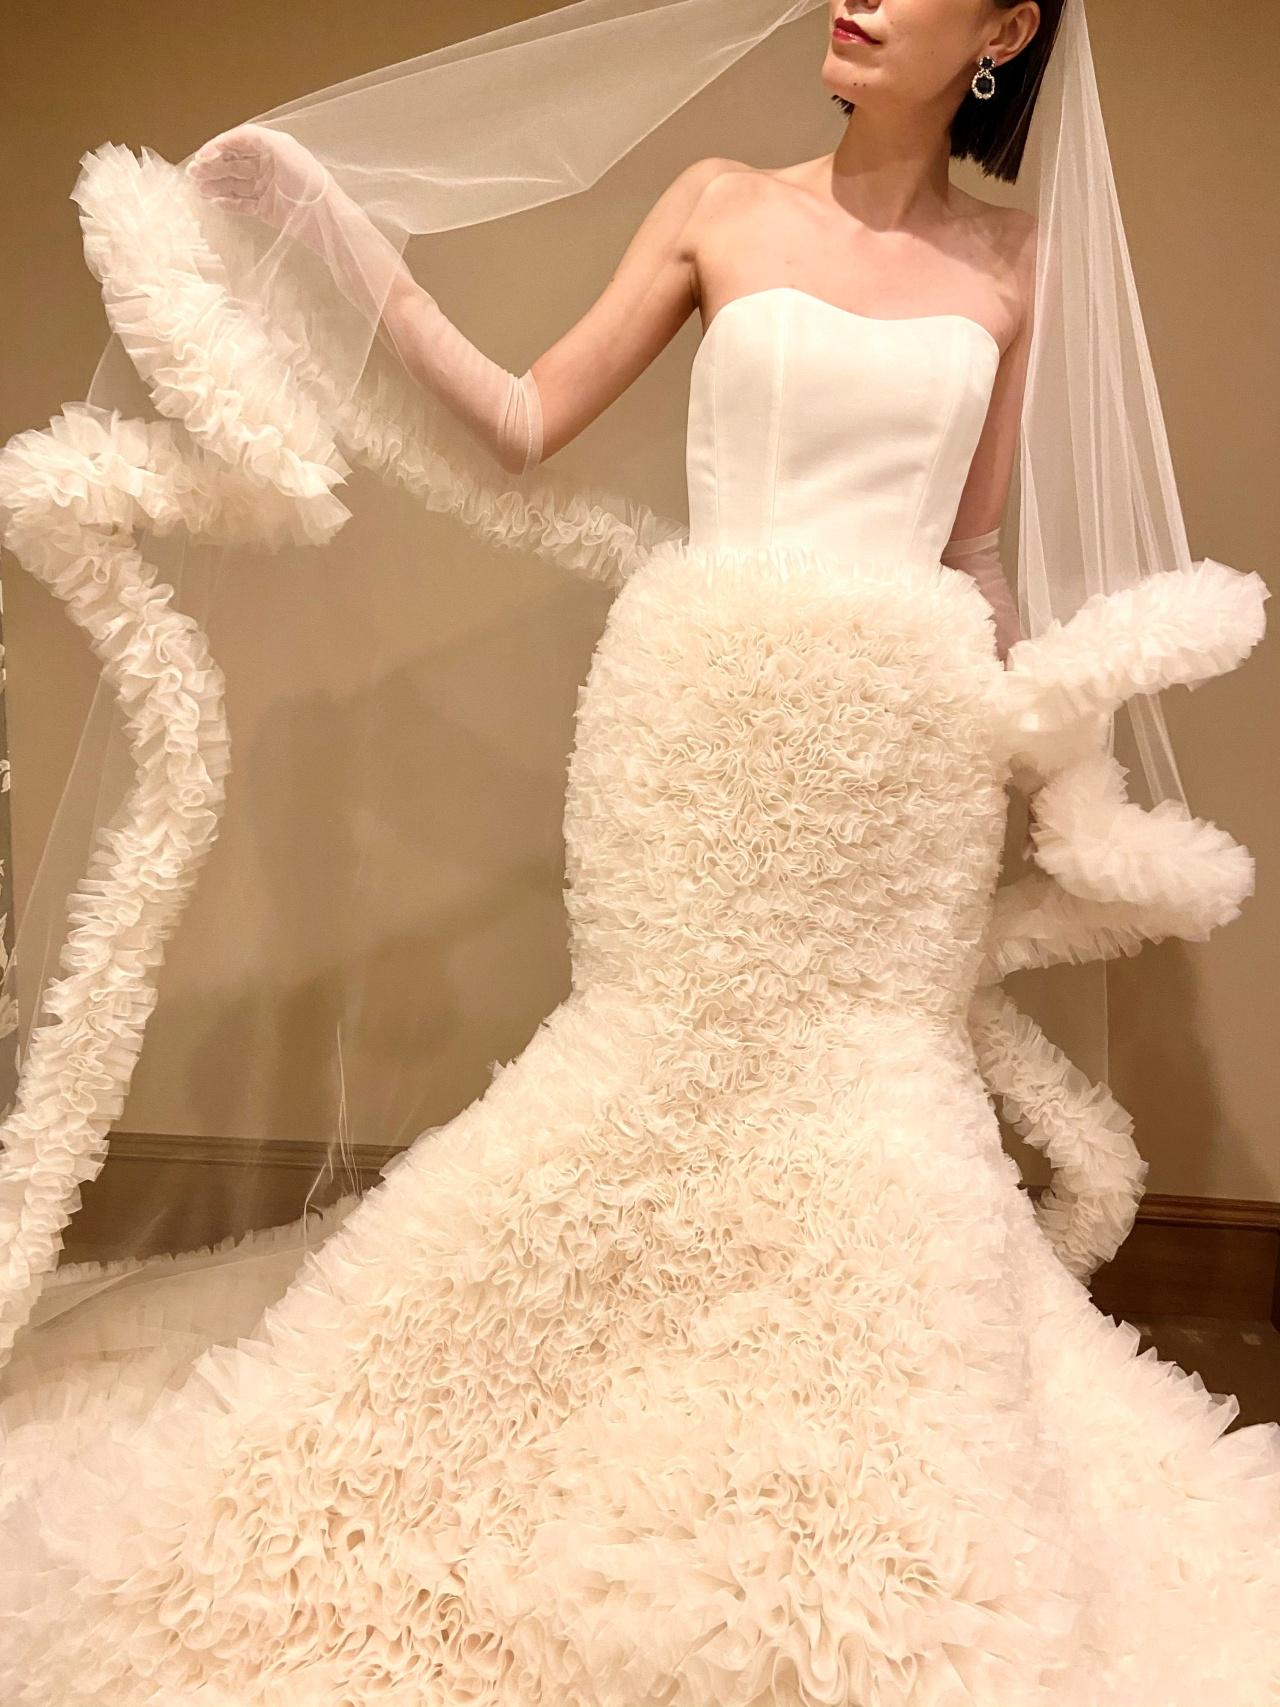 花びらのような大胆なフリルのシルエットは女性らしさとエレガントさをプラスラグジュアリーな結婚式にぴったり